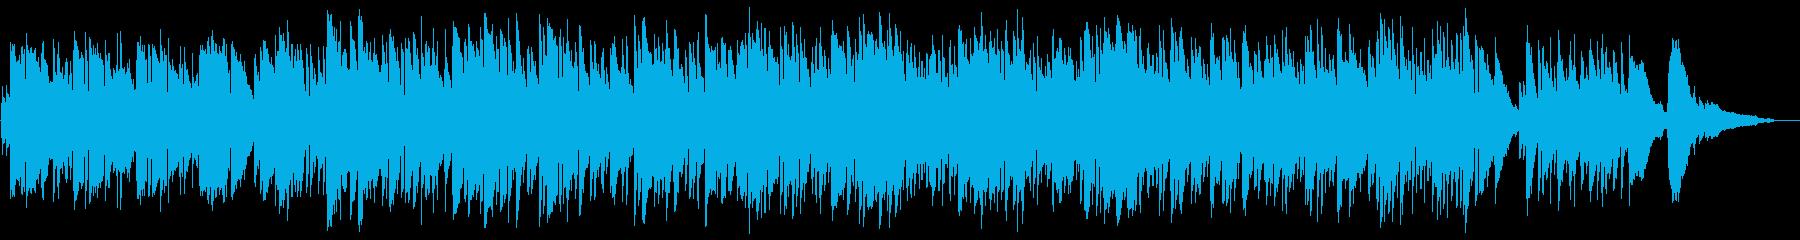 ノスタルジックで切ないギターサウンドの再生済みの波形